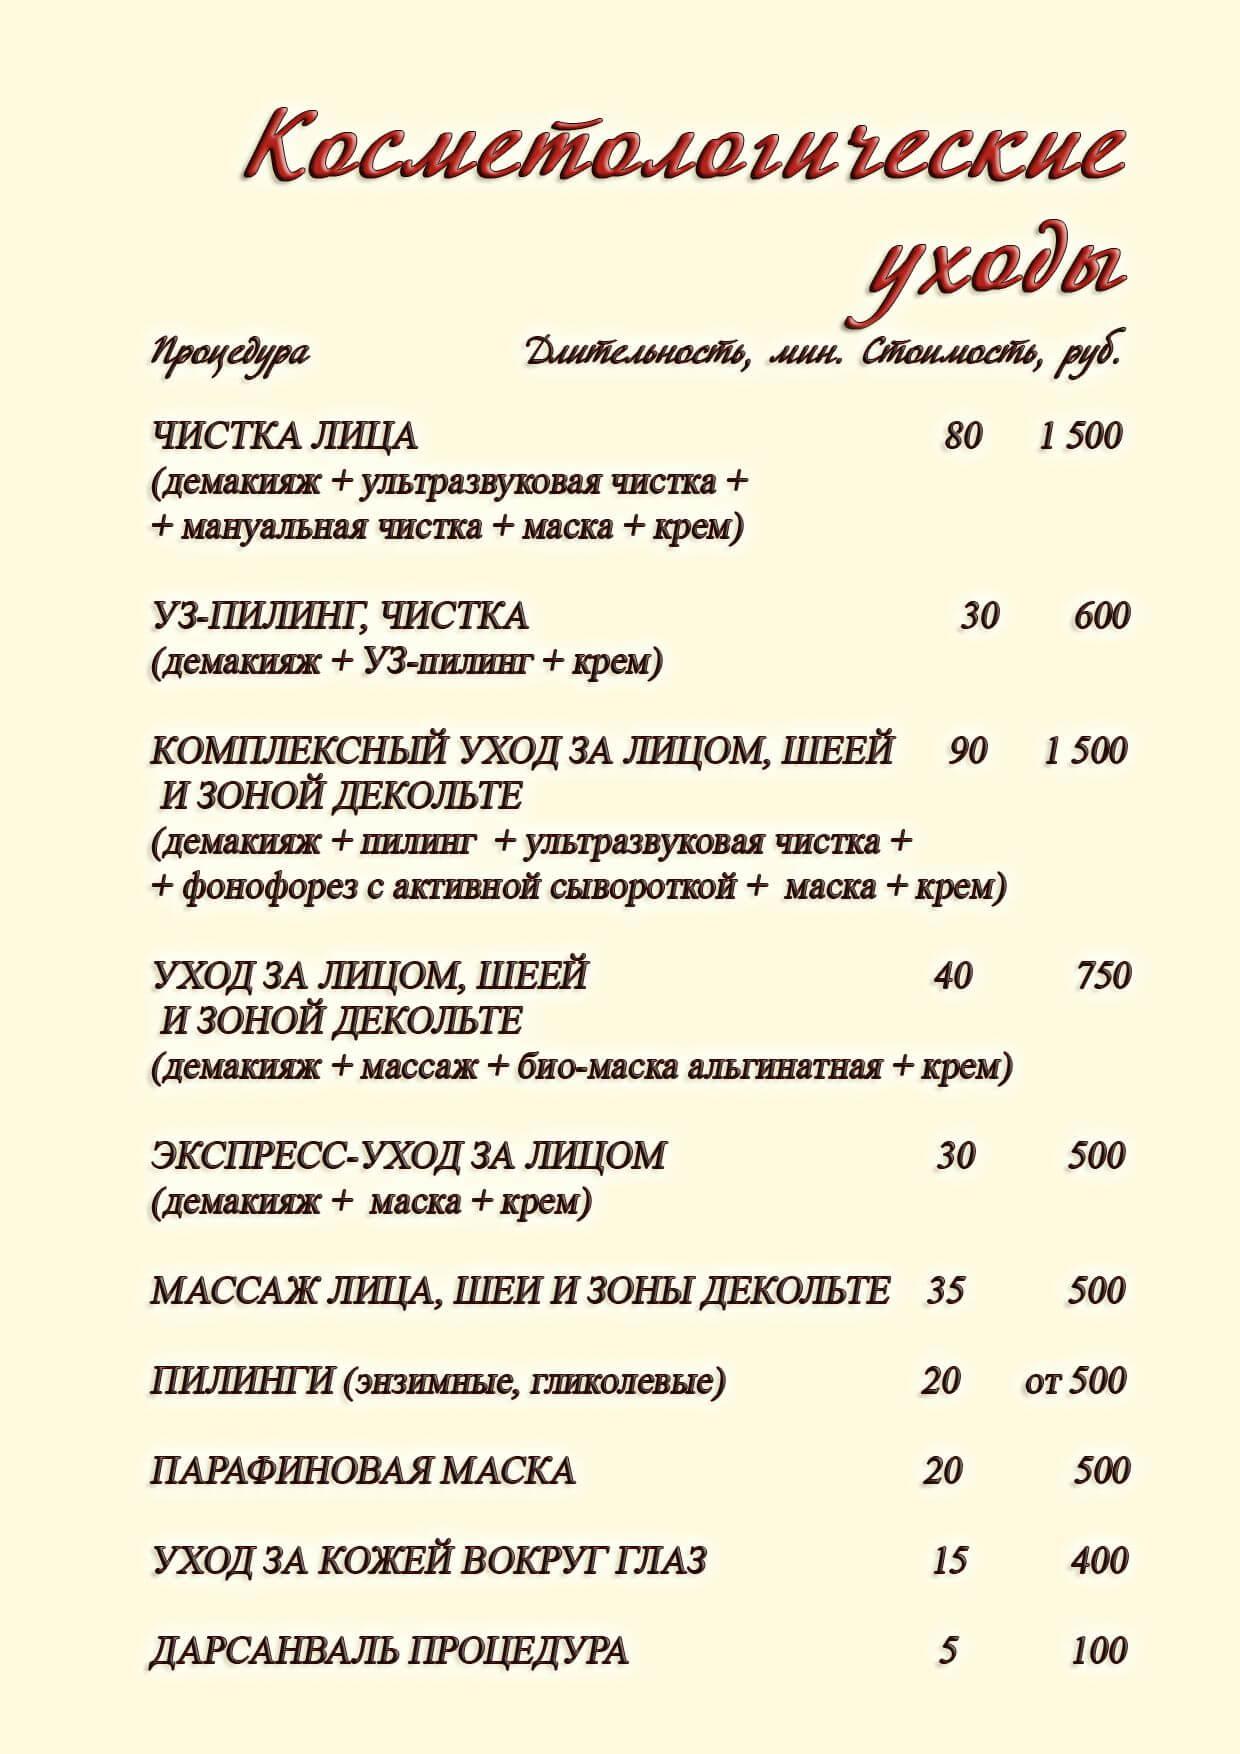 Цены на косметологию - Гранд отель Гагра - отель европейского уровня в Абхазии (Grand Hotel Gagra)